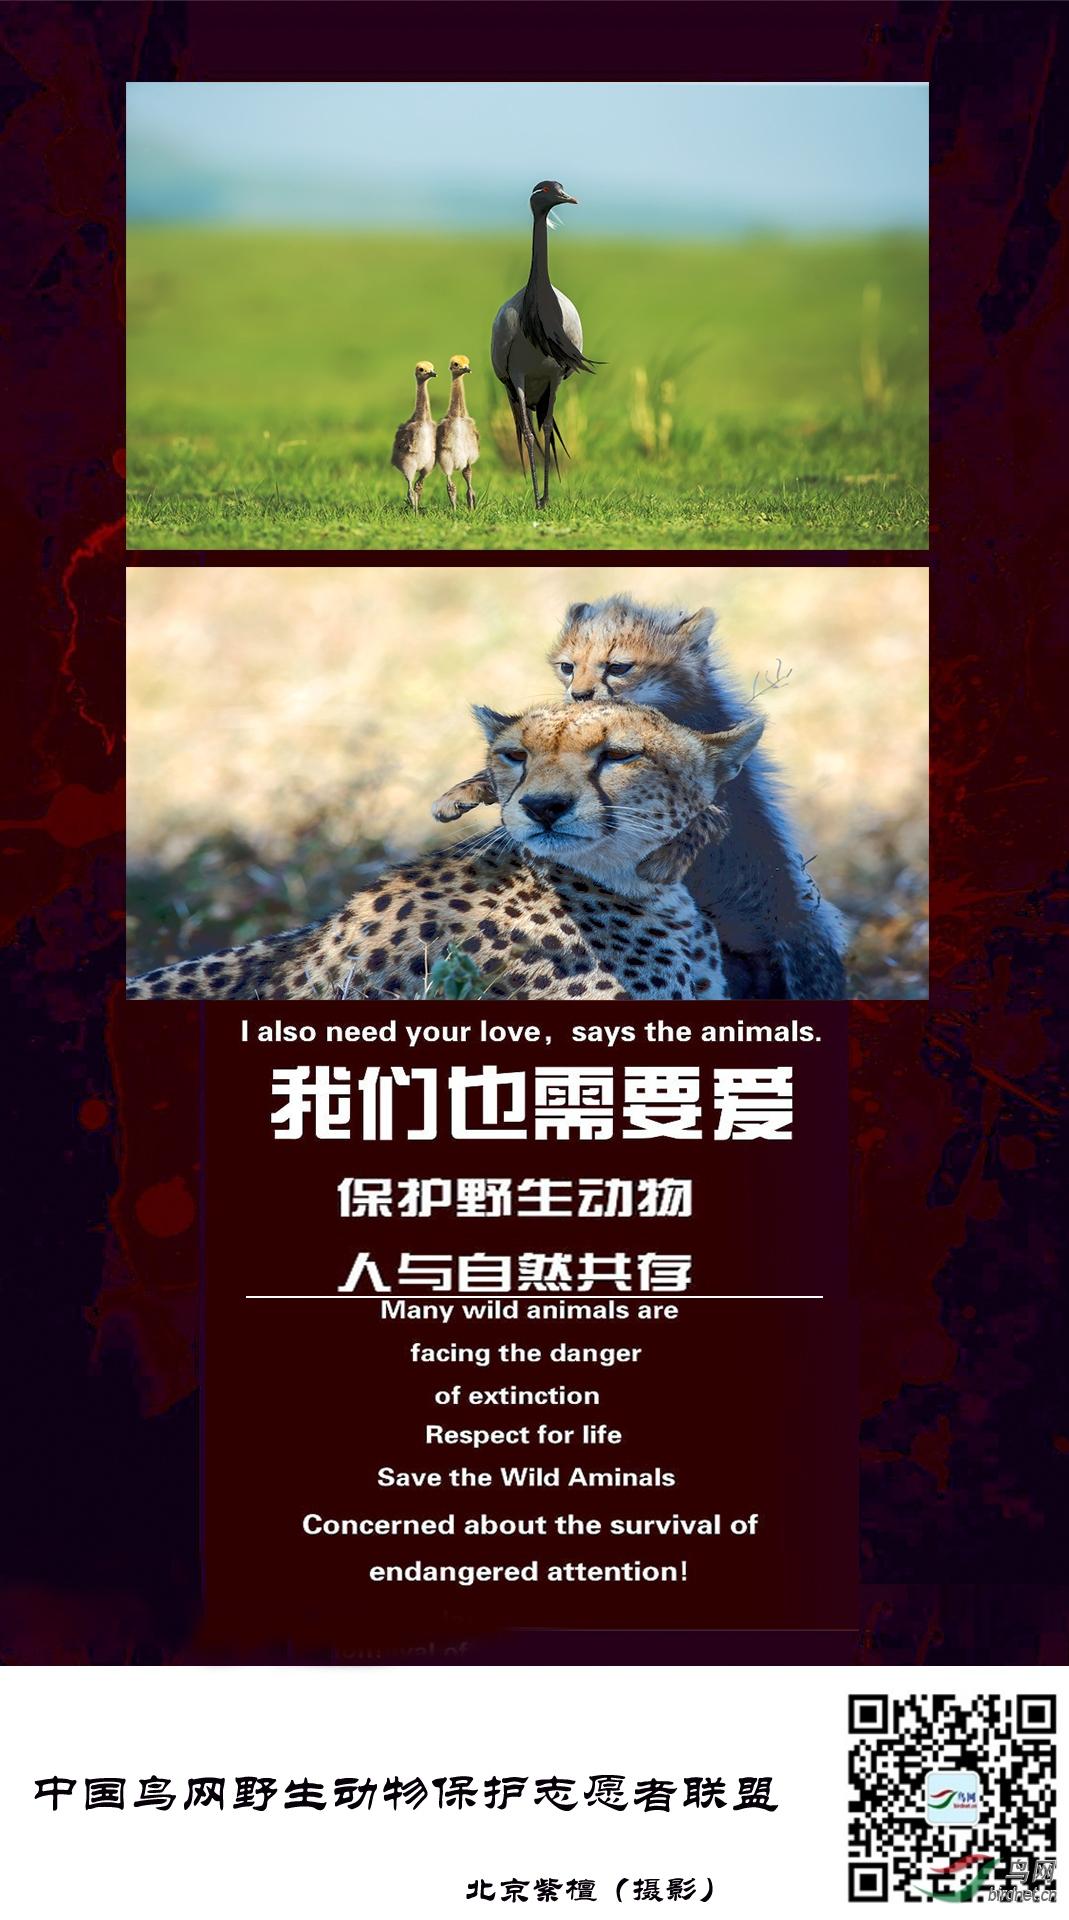 野生动物保护海报-北京紫檀1.jpg